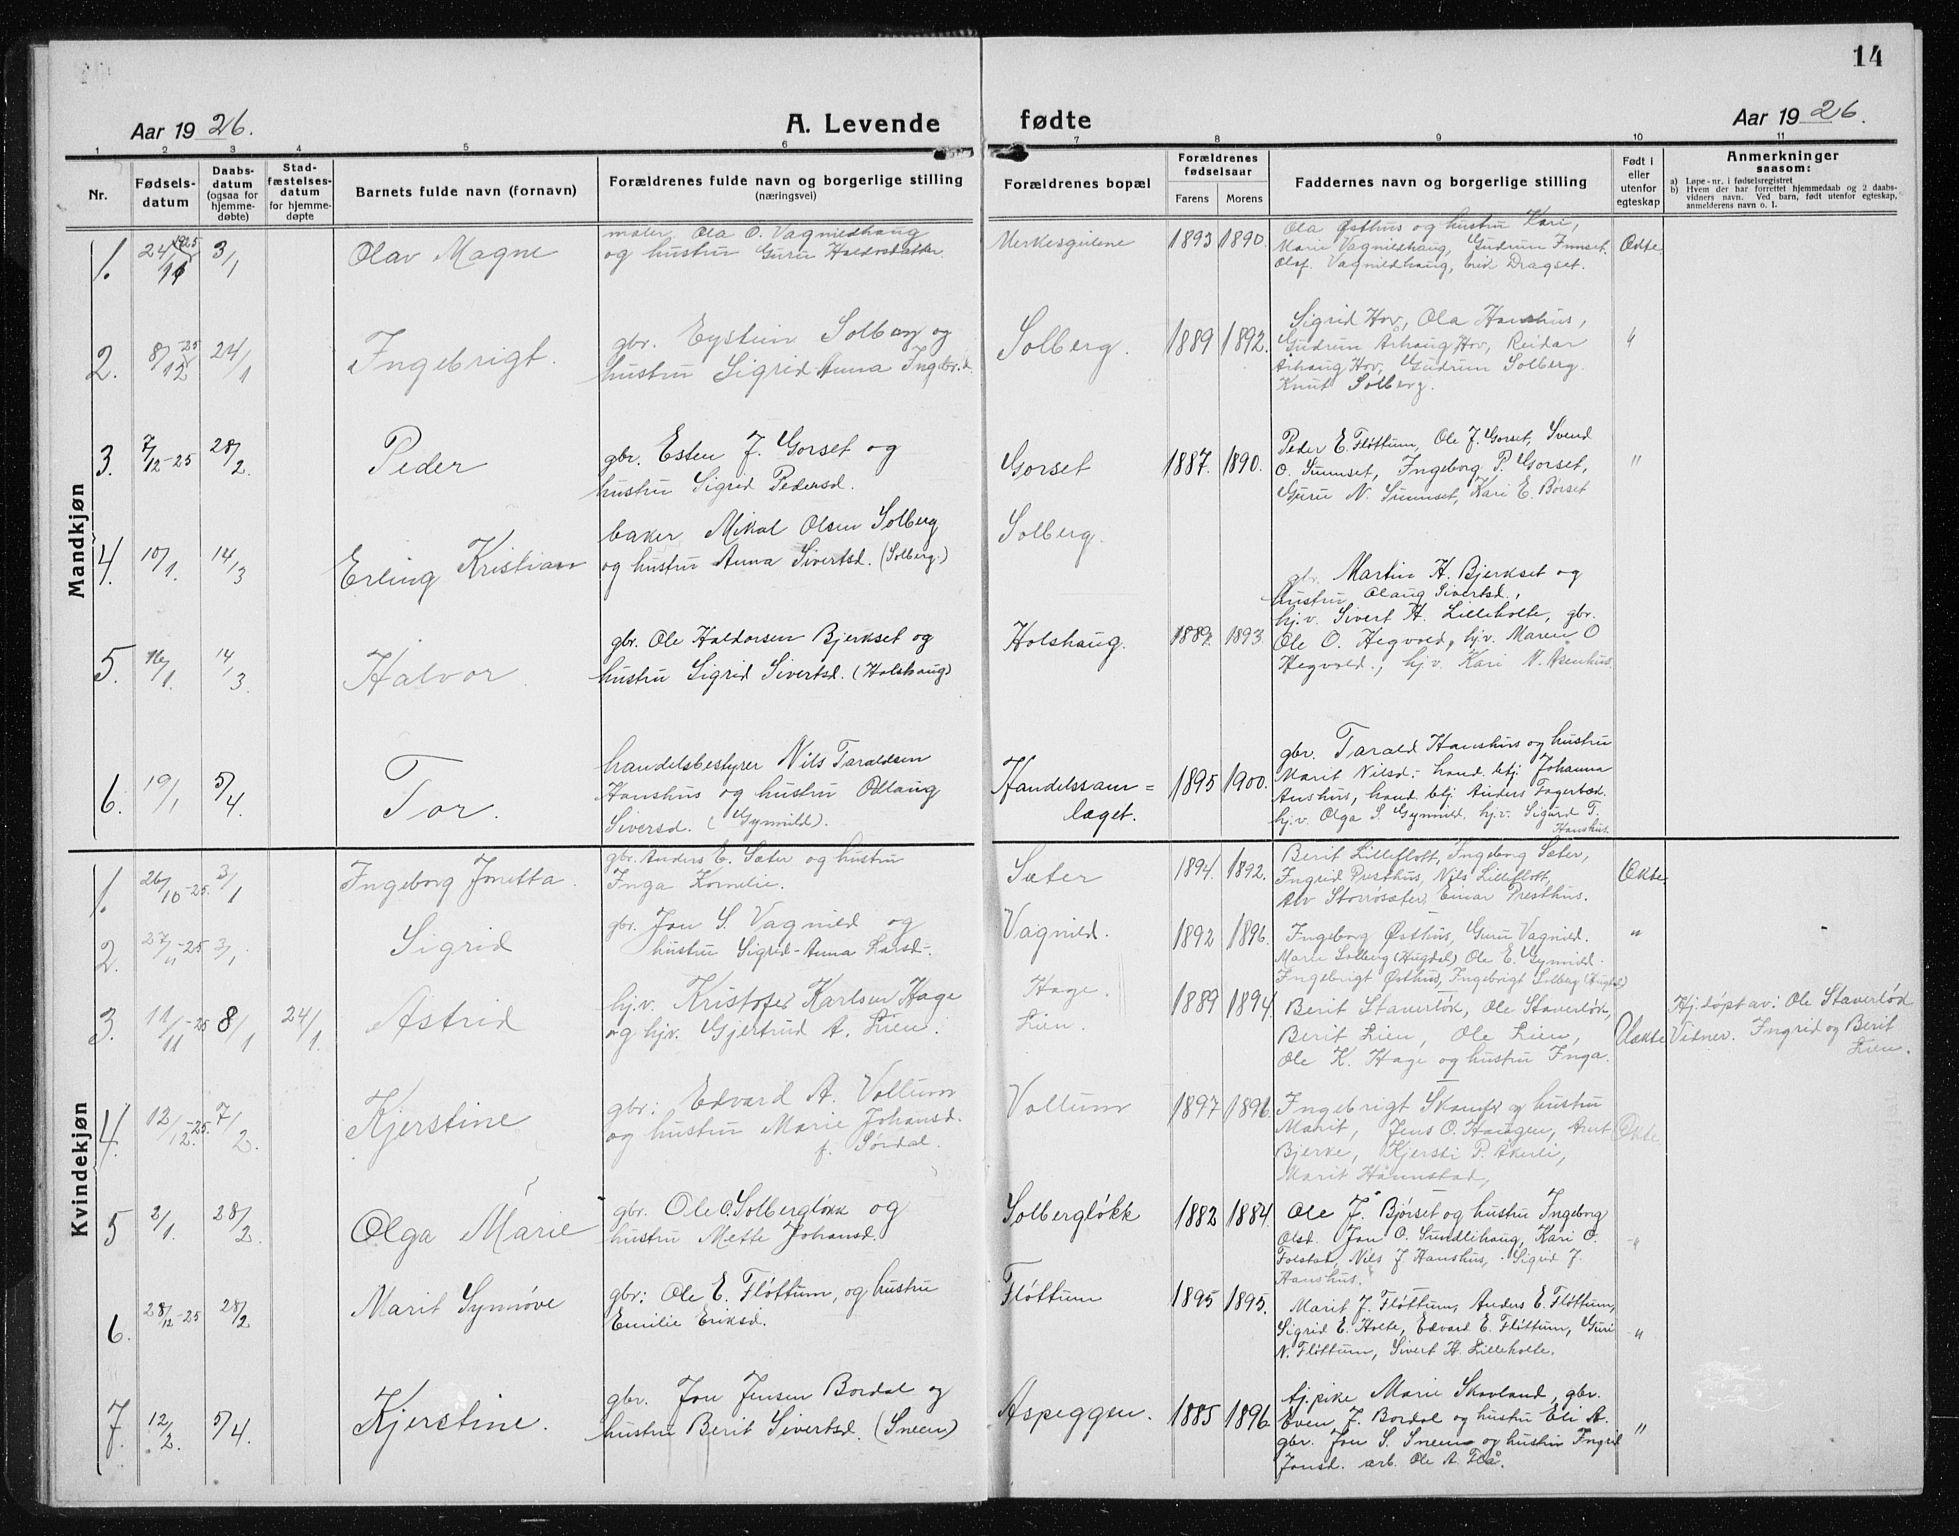 SAT, Ministerialprotokoller, klokkerbøker og fødselsregistre - Sør-Trøndelag, 689/L1045: Klokkerbok nr. 689C04, 1923-1940, s. 14